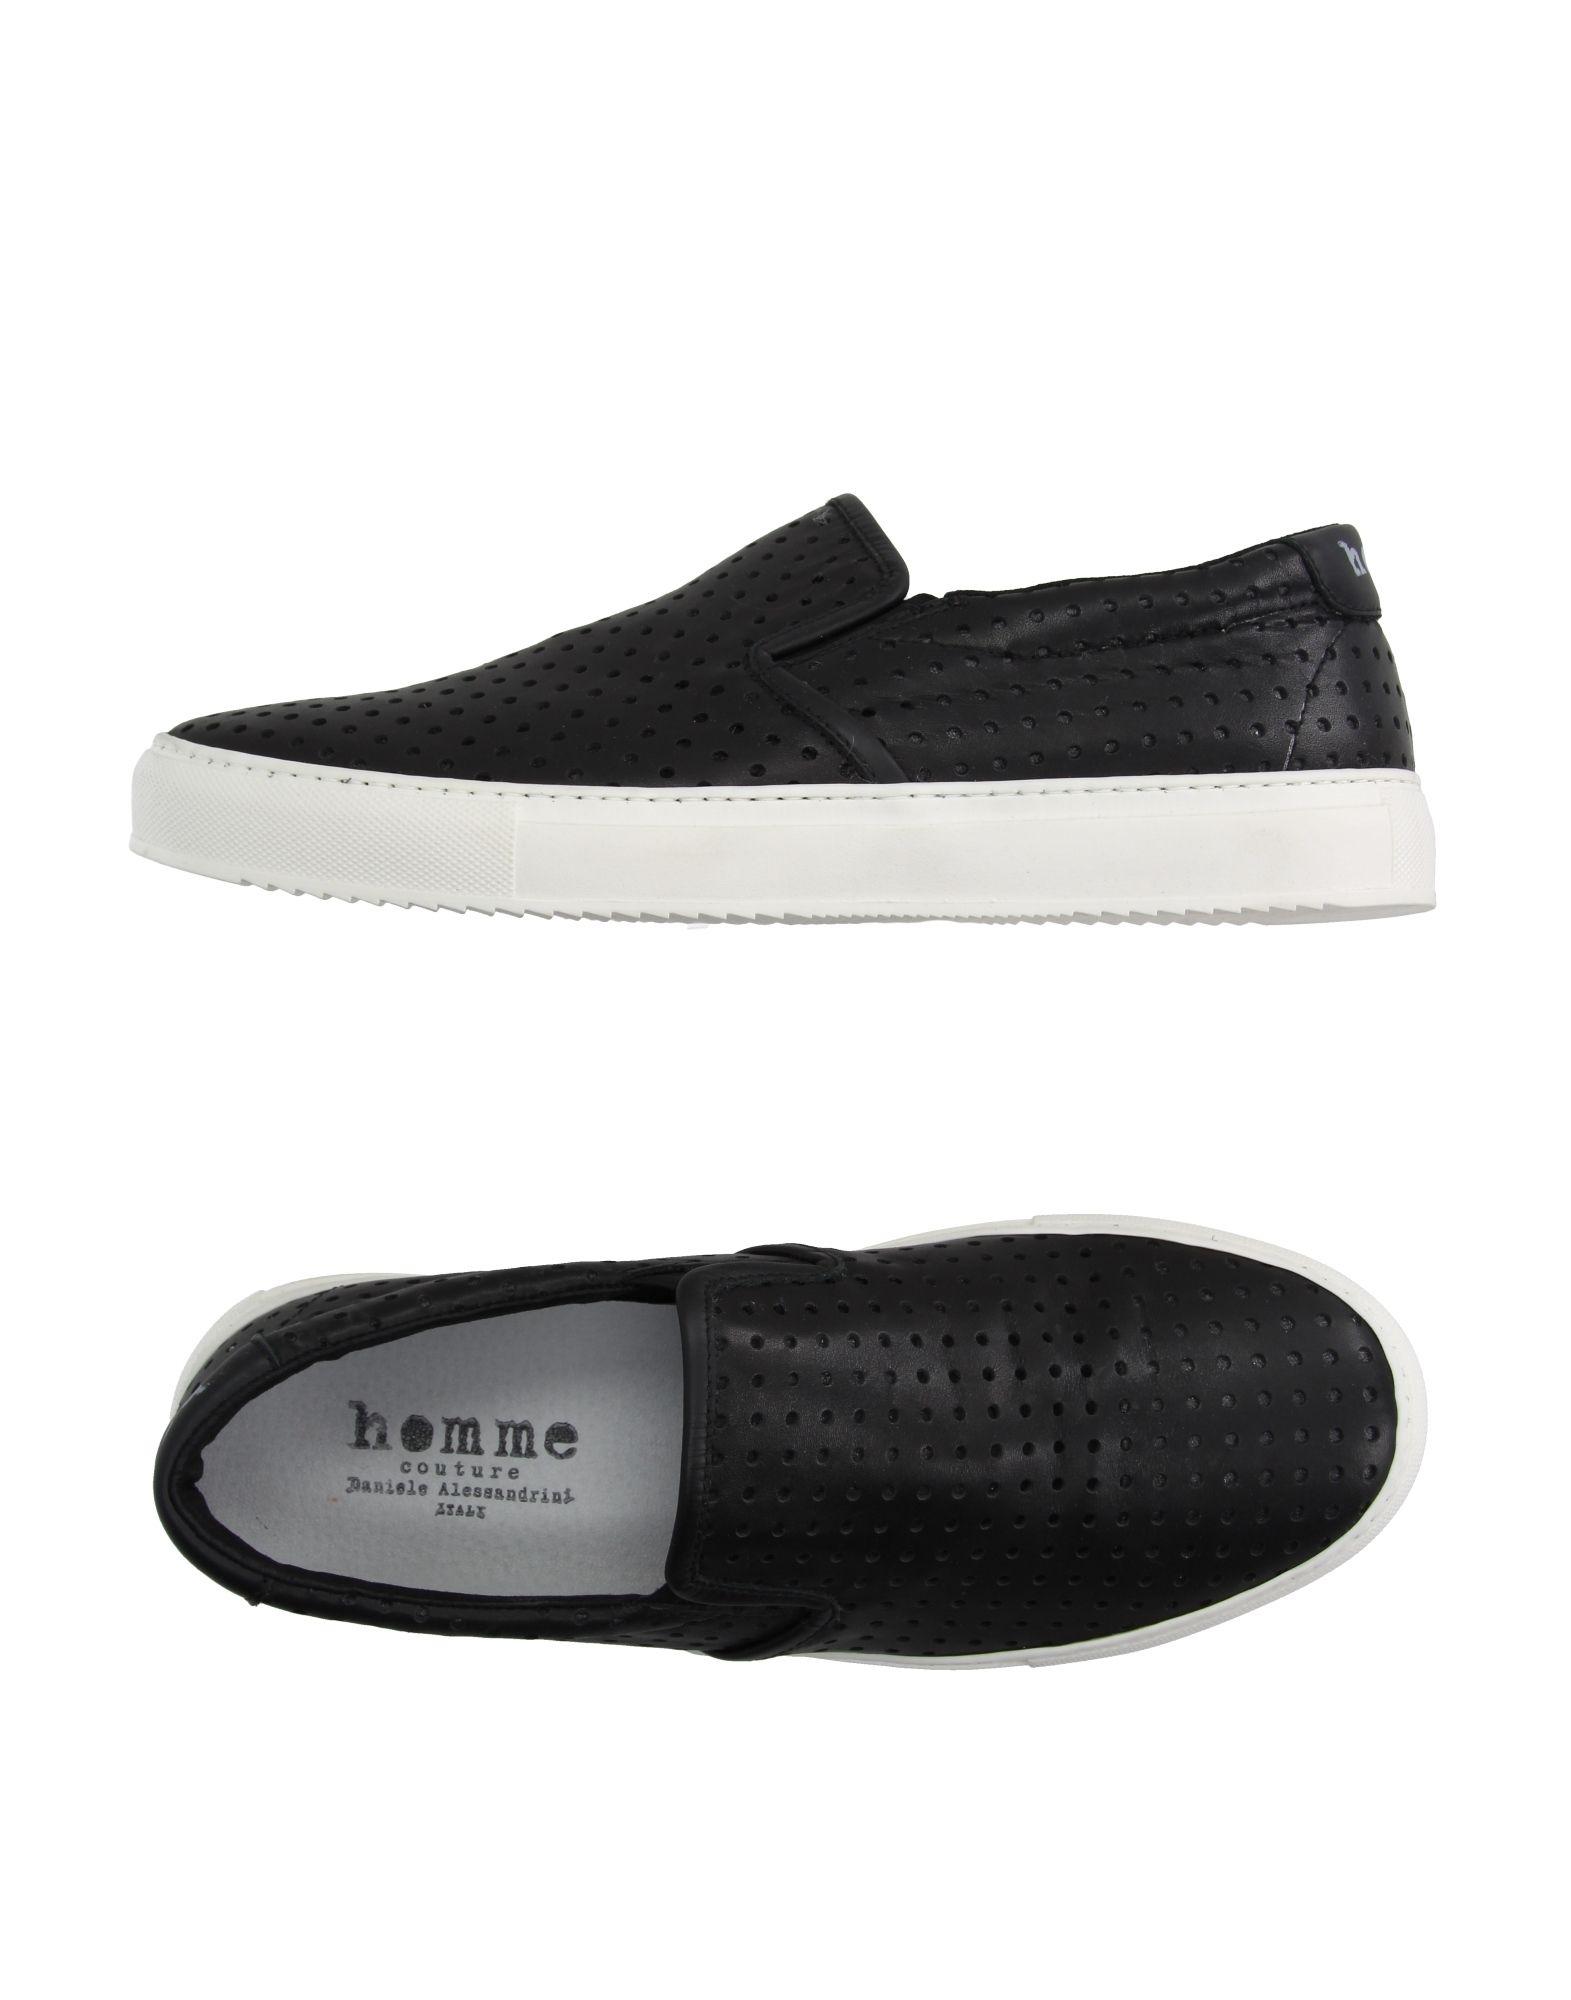 Rabatt Homme echte Schuhe Daniele Alessandrini Homme Rabatt Sneakers Herren  11162281TO fee803